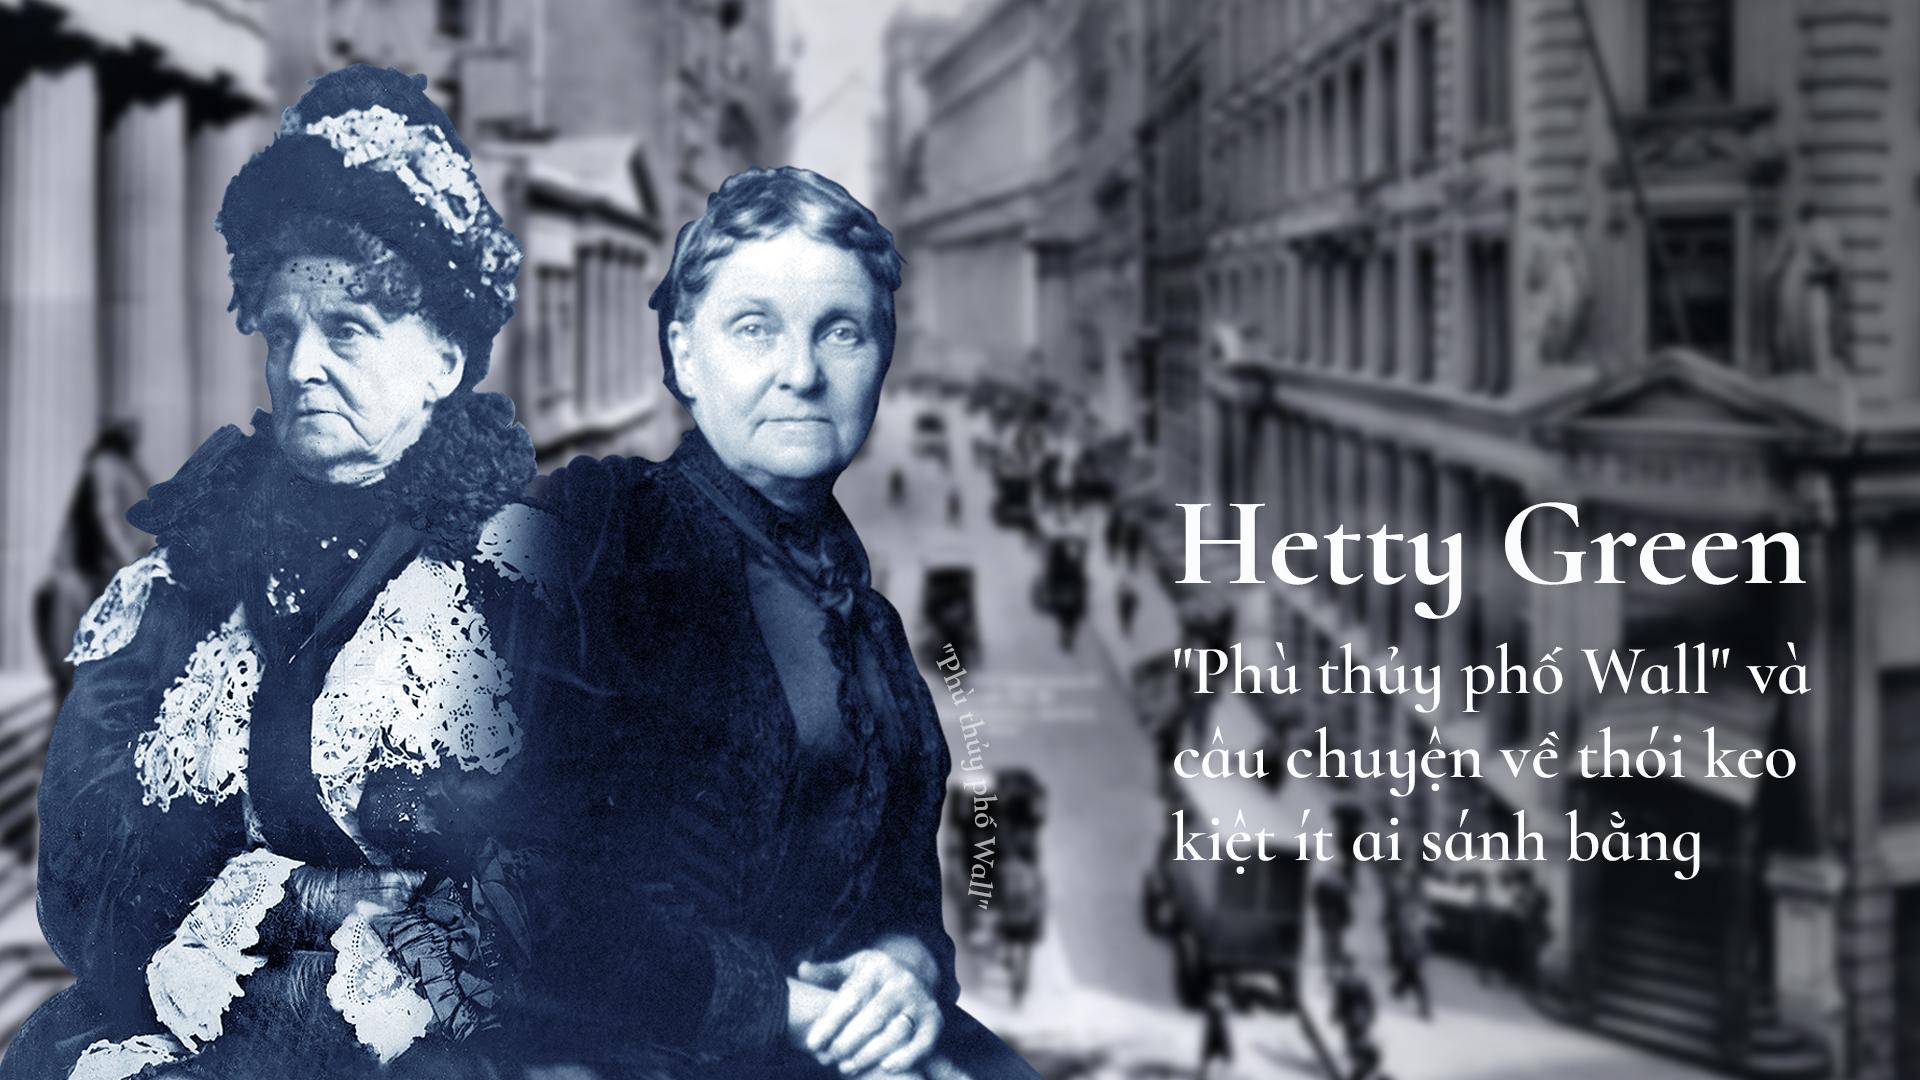 Hetty Green: Phù thủy phố Wall và câu chuyện về thói keo kiệt ít ai sánh bằng - Ảnh 1